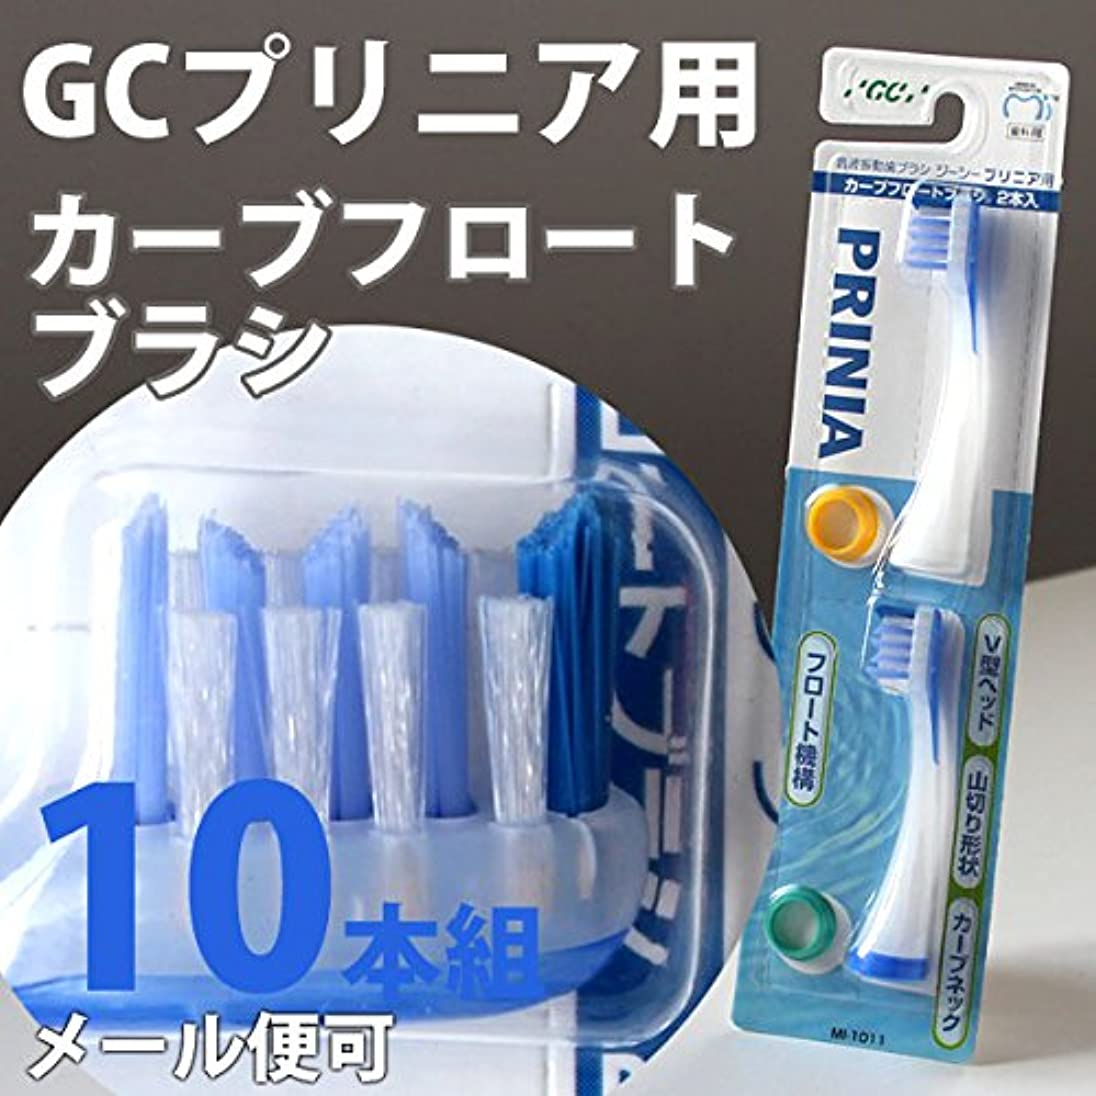 密干渉するおばさんプリニア GC 音波振動 歯ブラシ プリニアスリム替えブラシ カーブフロートブラシ 5セット (10本) ブルー